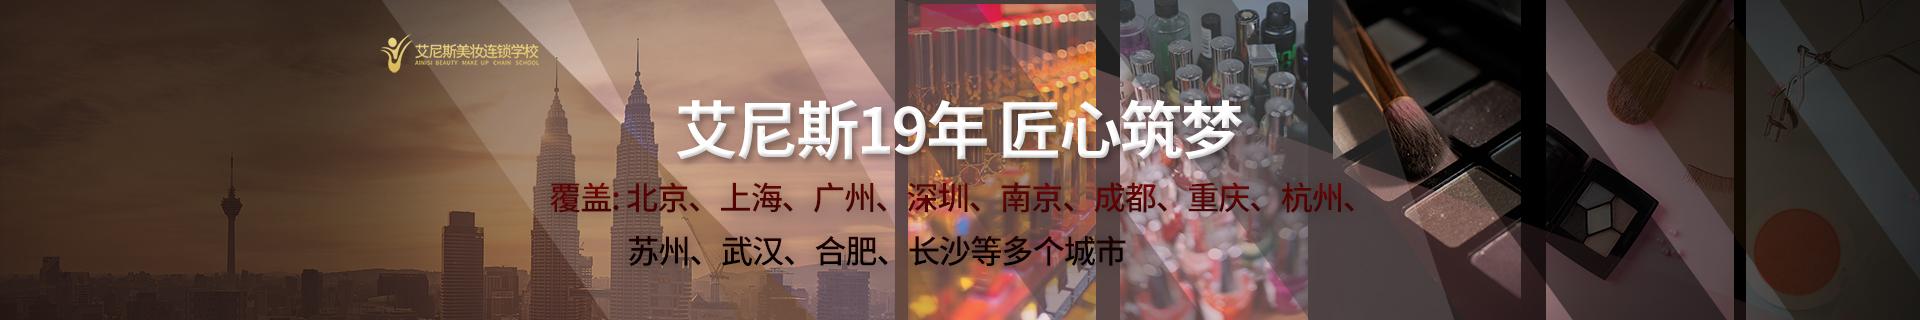 武汉武昌区中南路艾尼斯美妆连锁学校